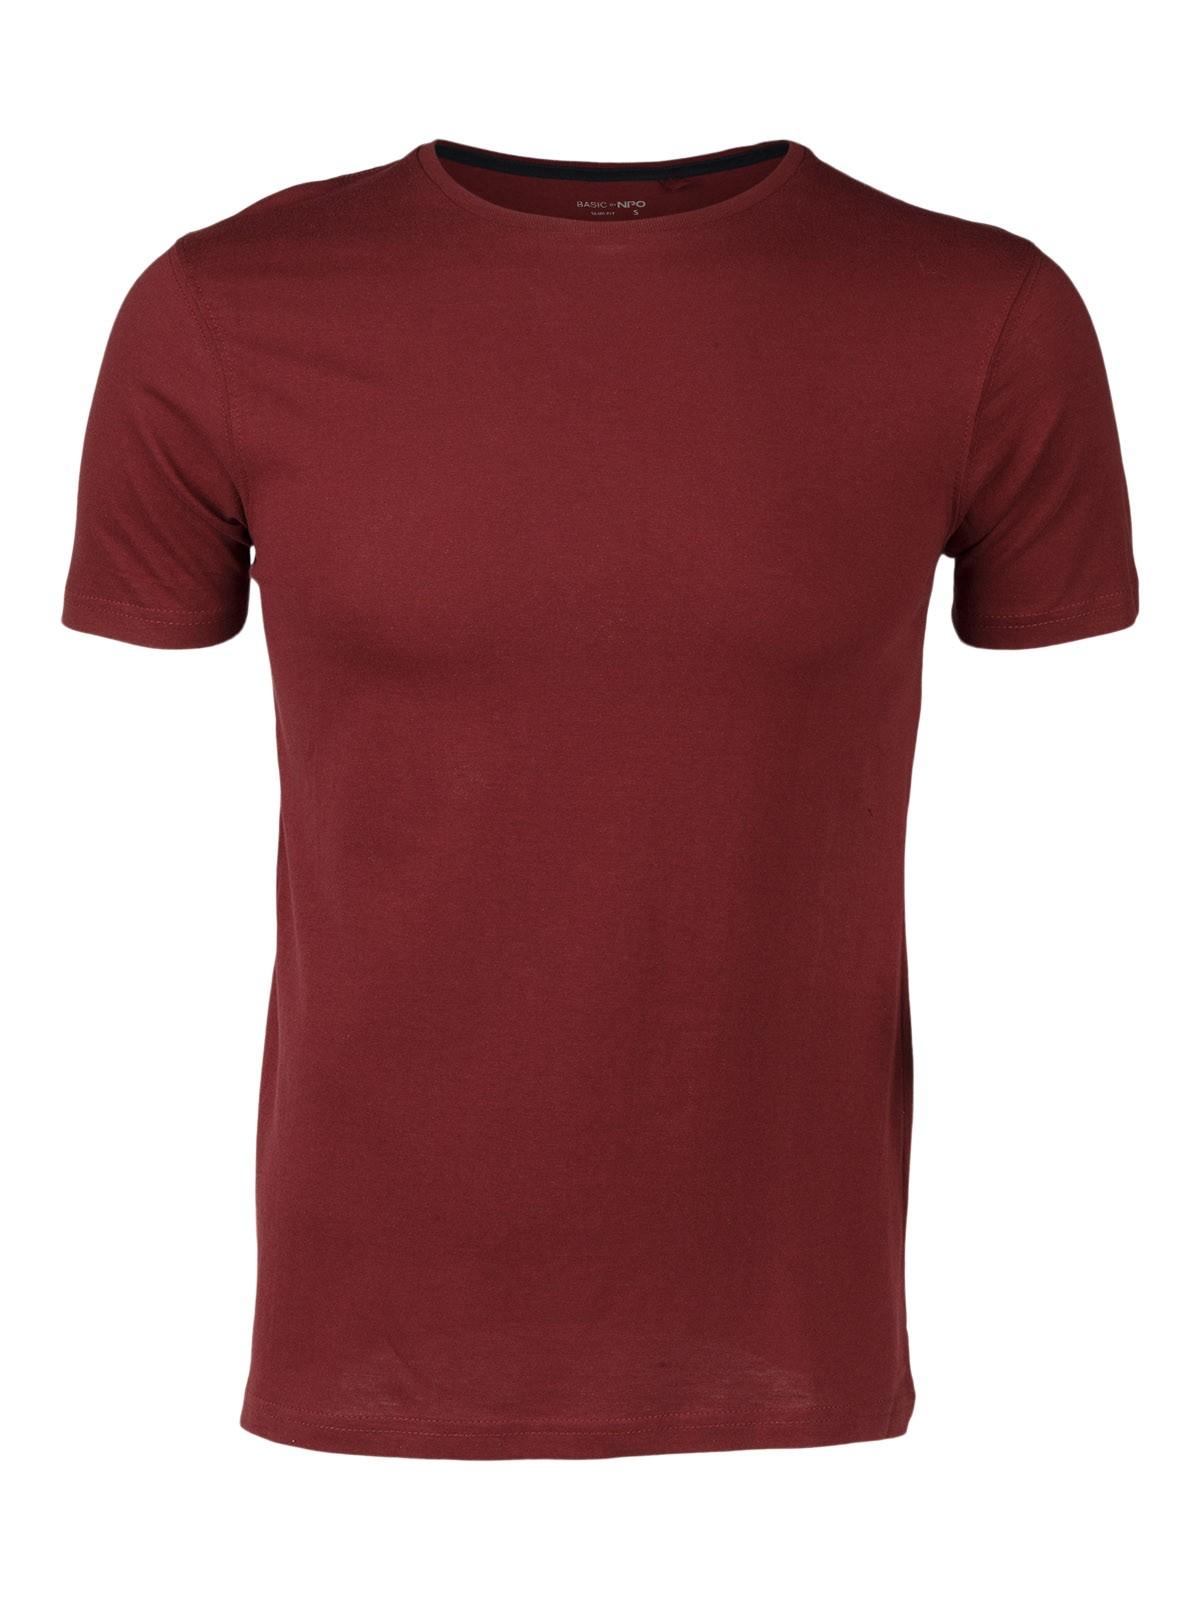 T-Shirt Hommes Manches Courtes Col Rond Bordeaux thé modèle 3589